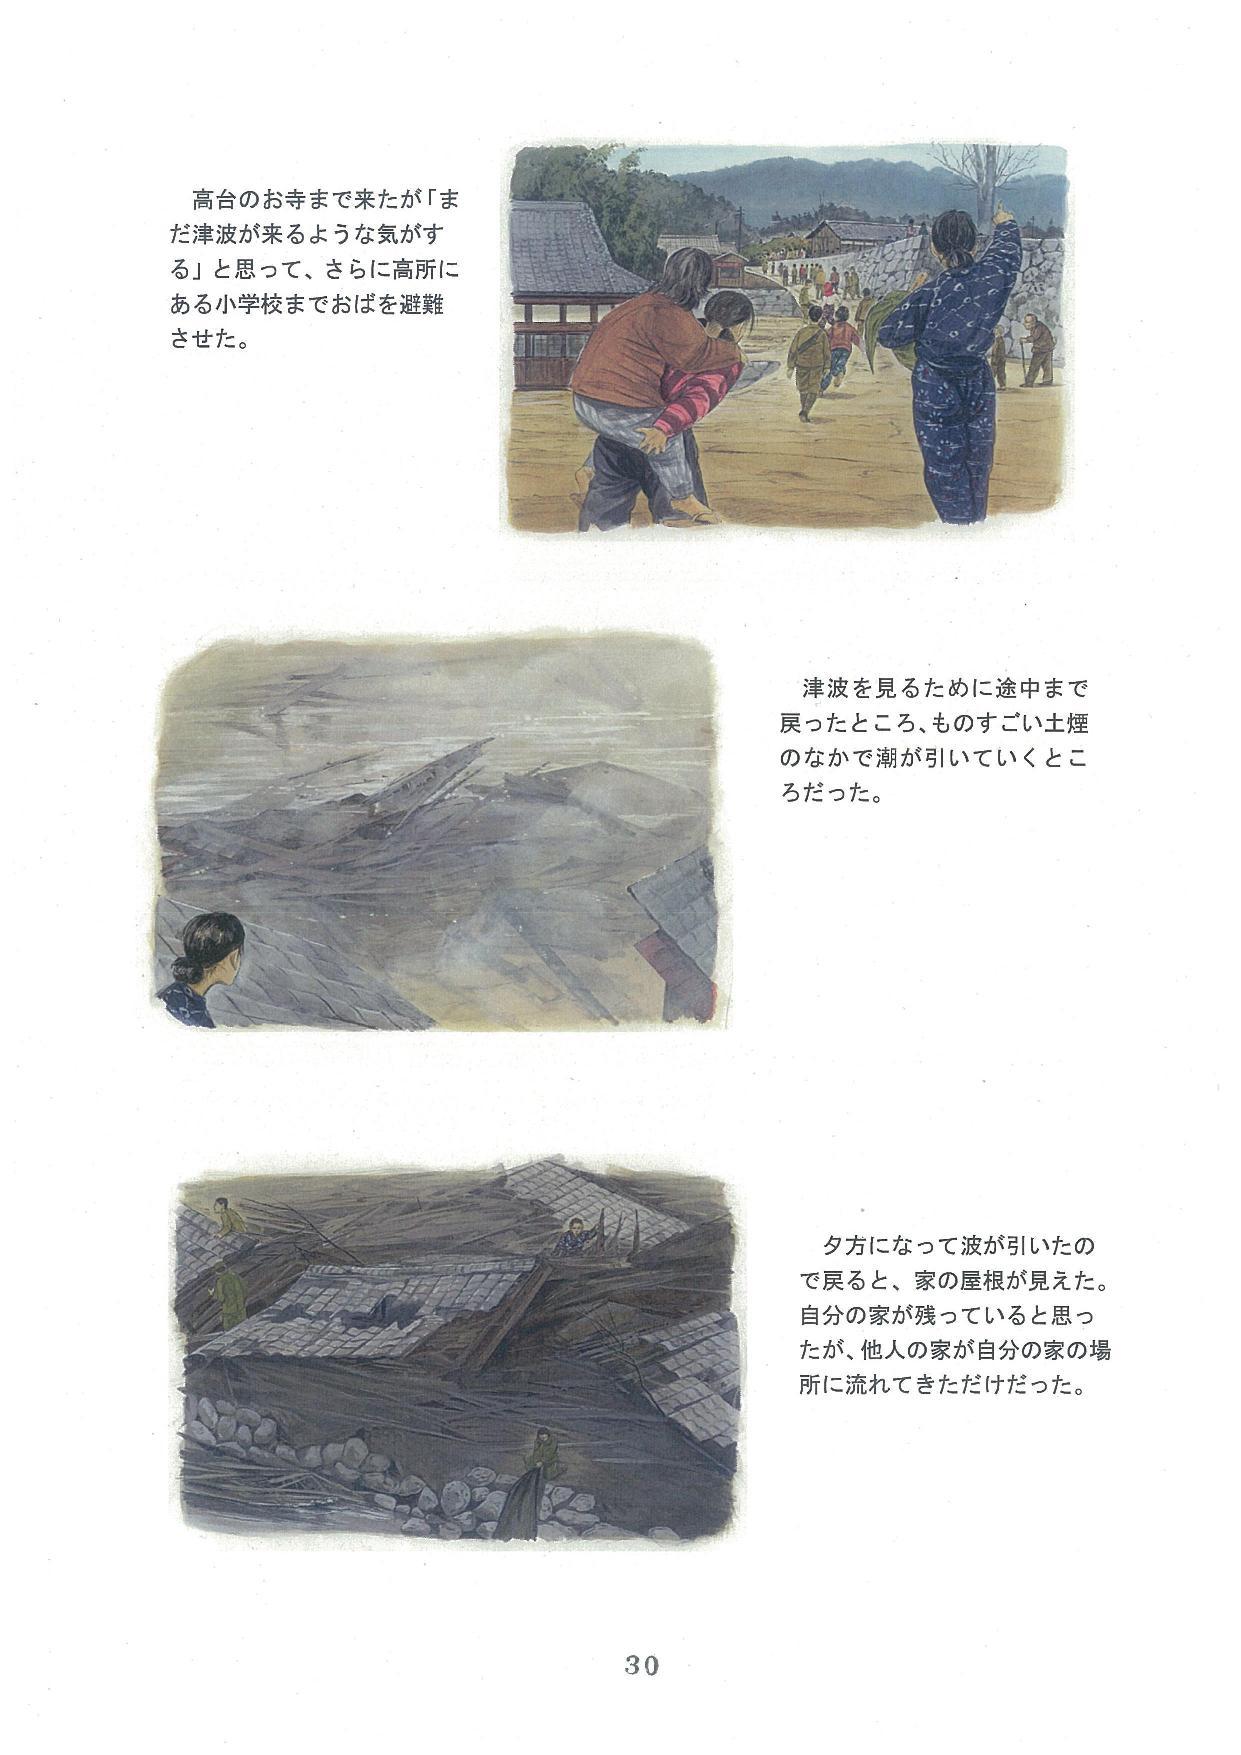 20171208-02_ページ_30